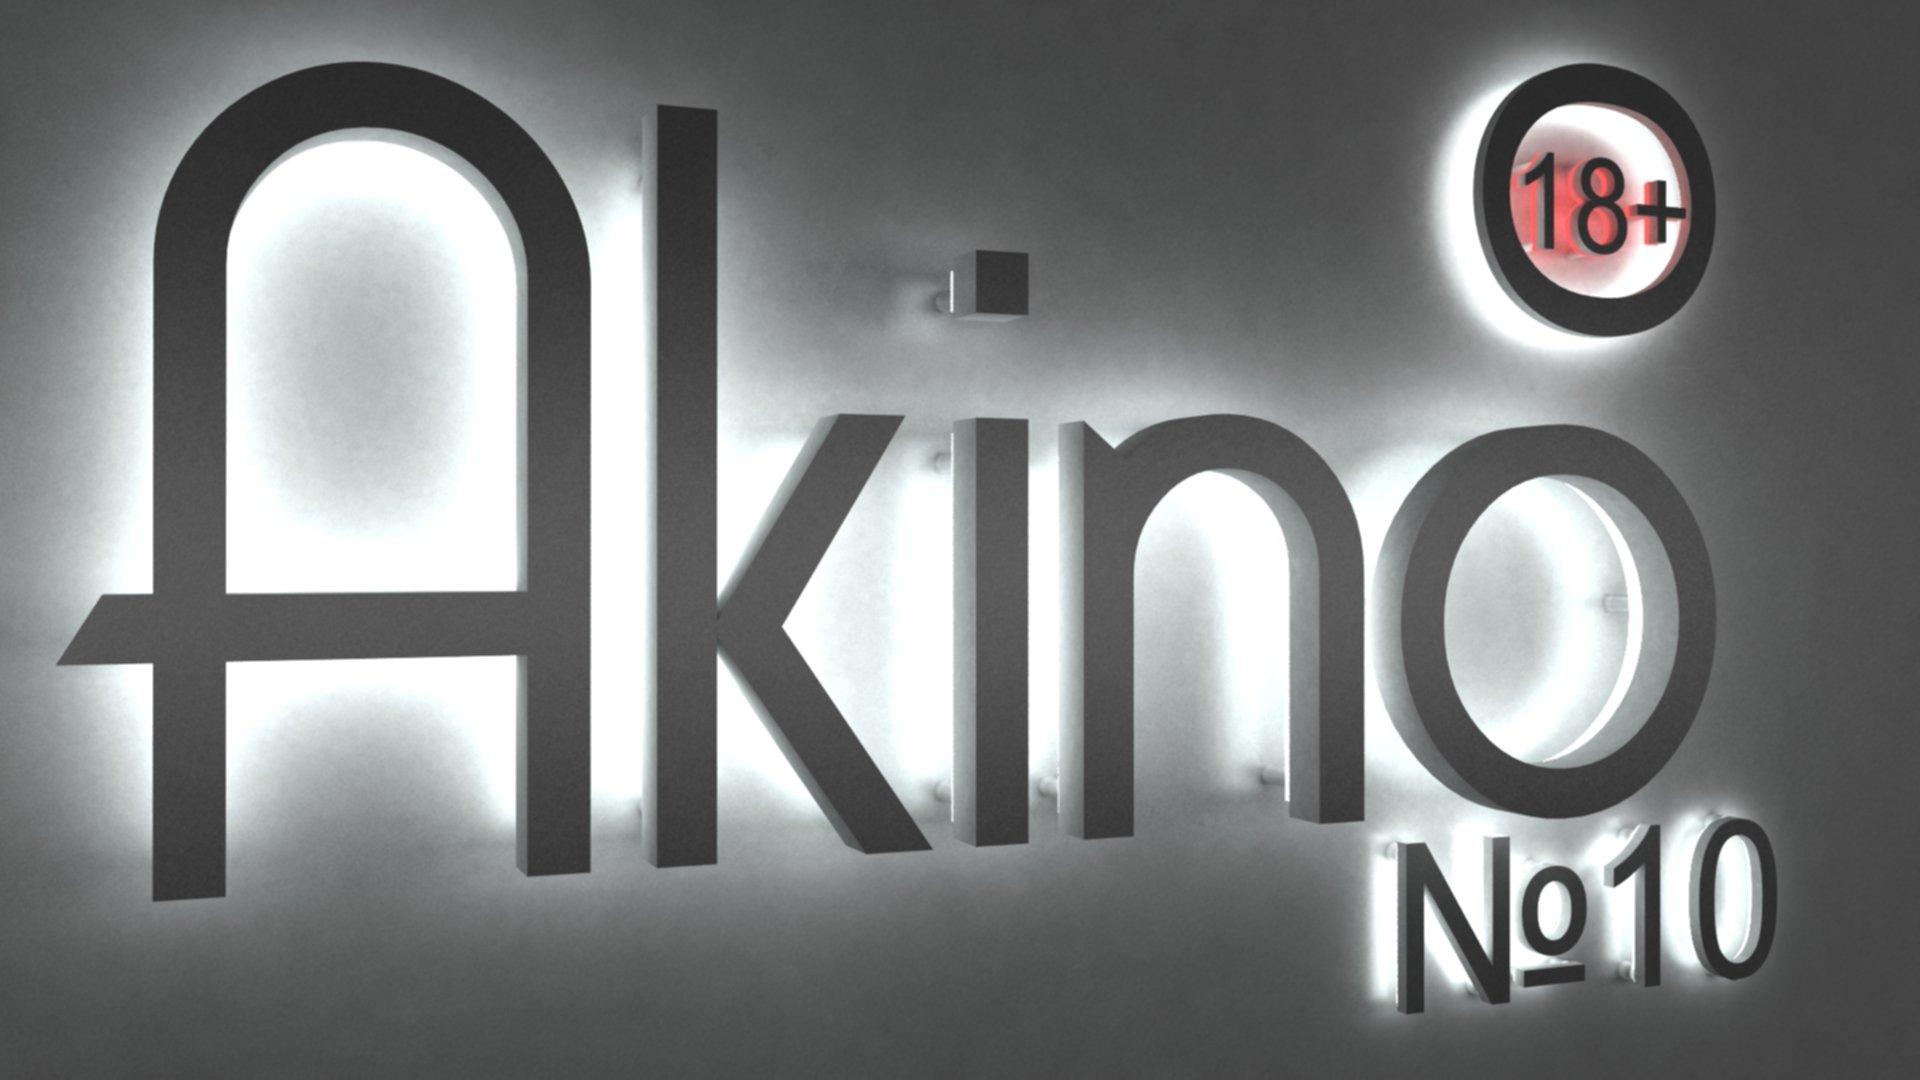 Подкаст AkiNO Выпуск № 10 (18+) - Изображение 1